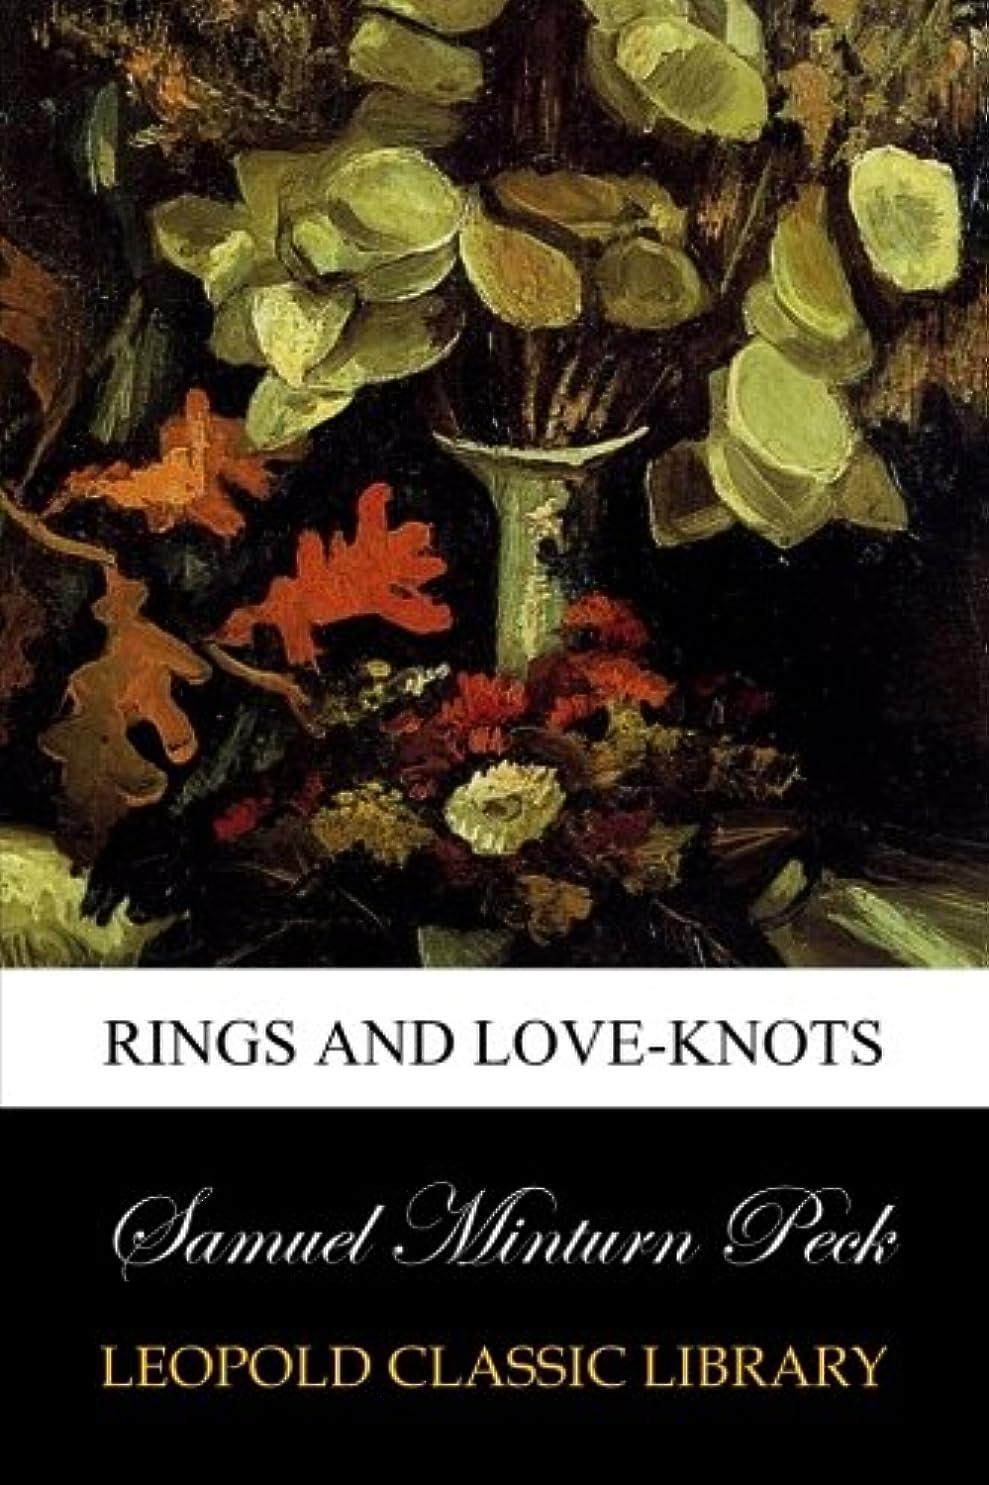 入力冒険者分配しますRings and love-knots